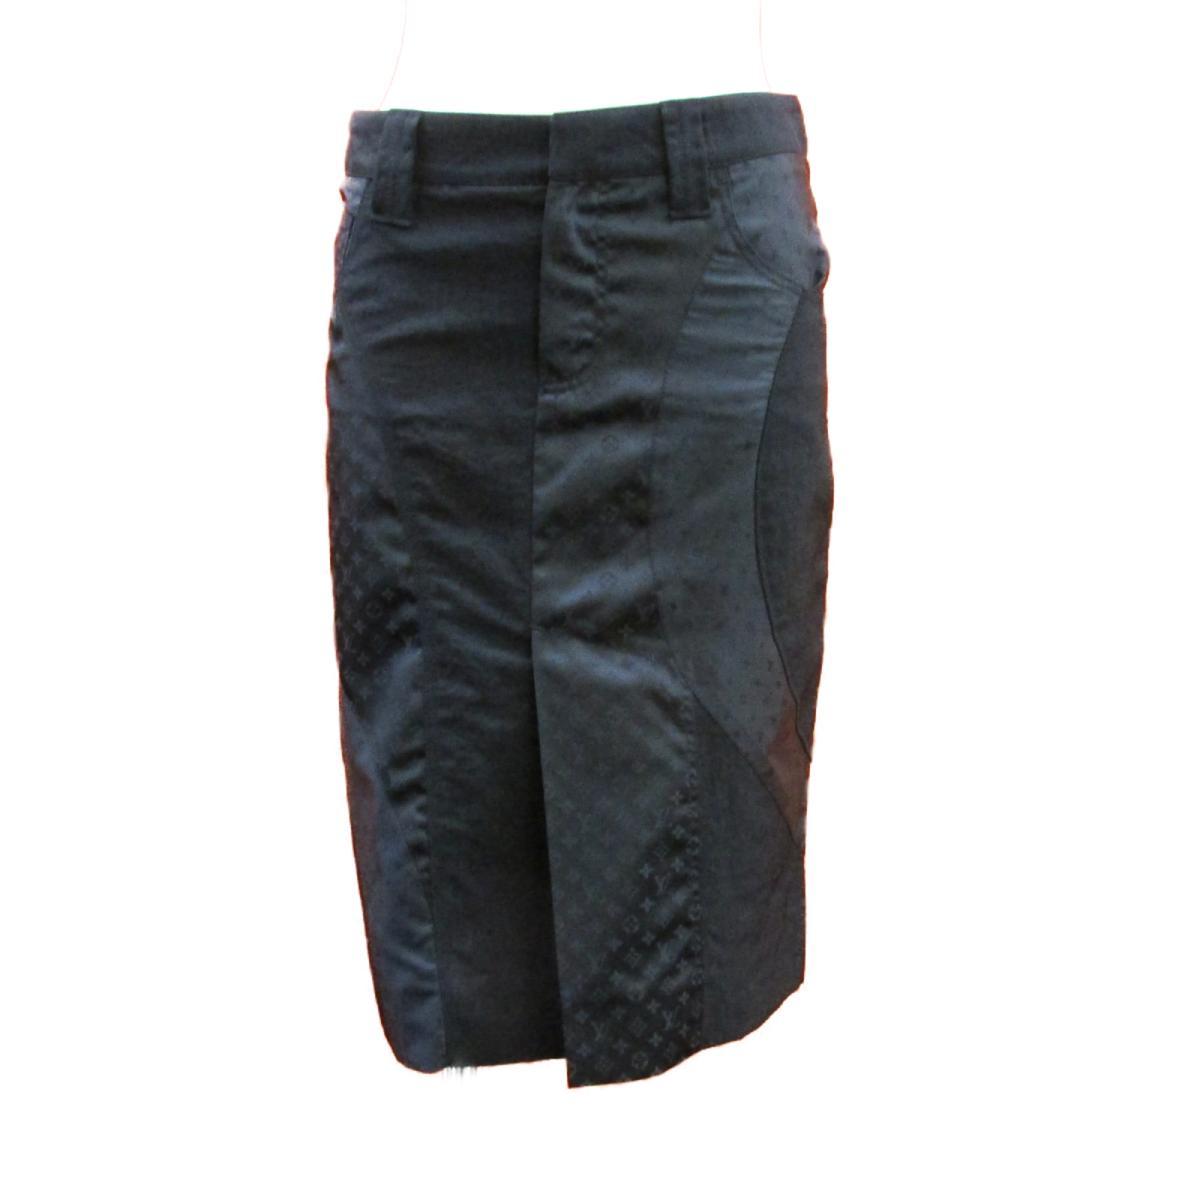 【中古】ルイヴィトン スカート 衣料品 レディース ナイロン×ポリエステル ブラック